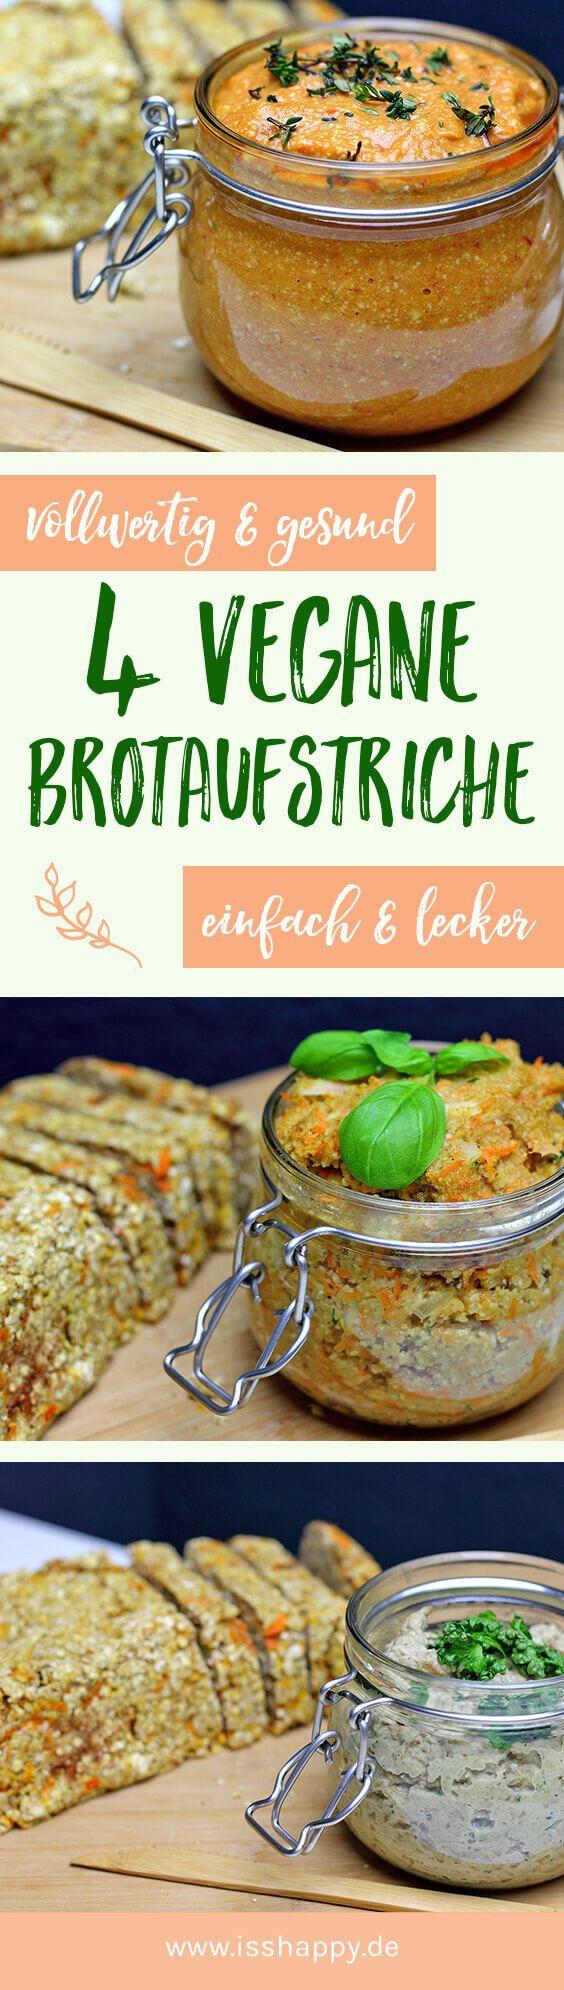 Köstlicher Brotaufstrich mit Grünkern - lecker, vegan & gesund!